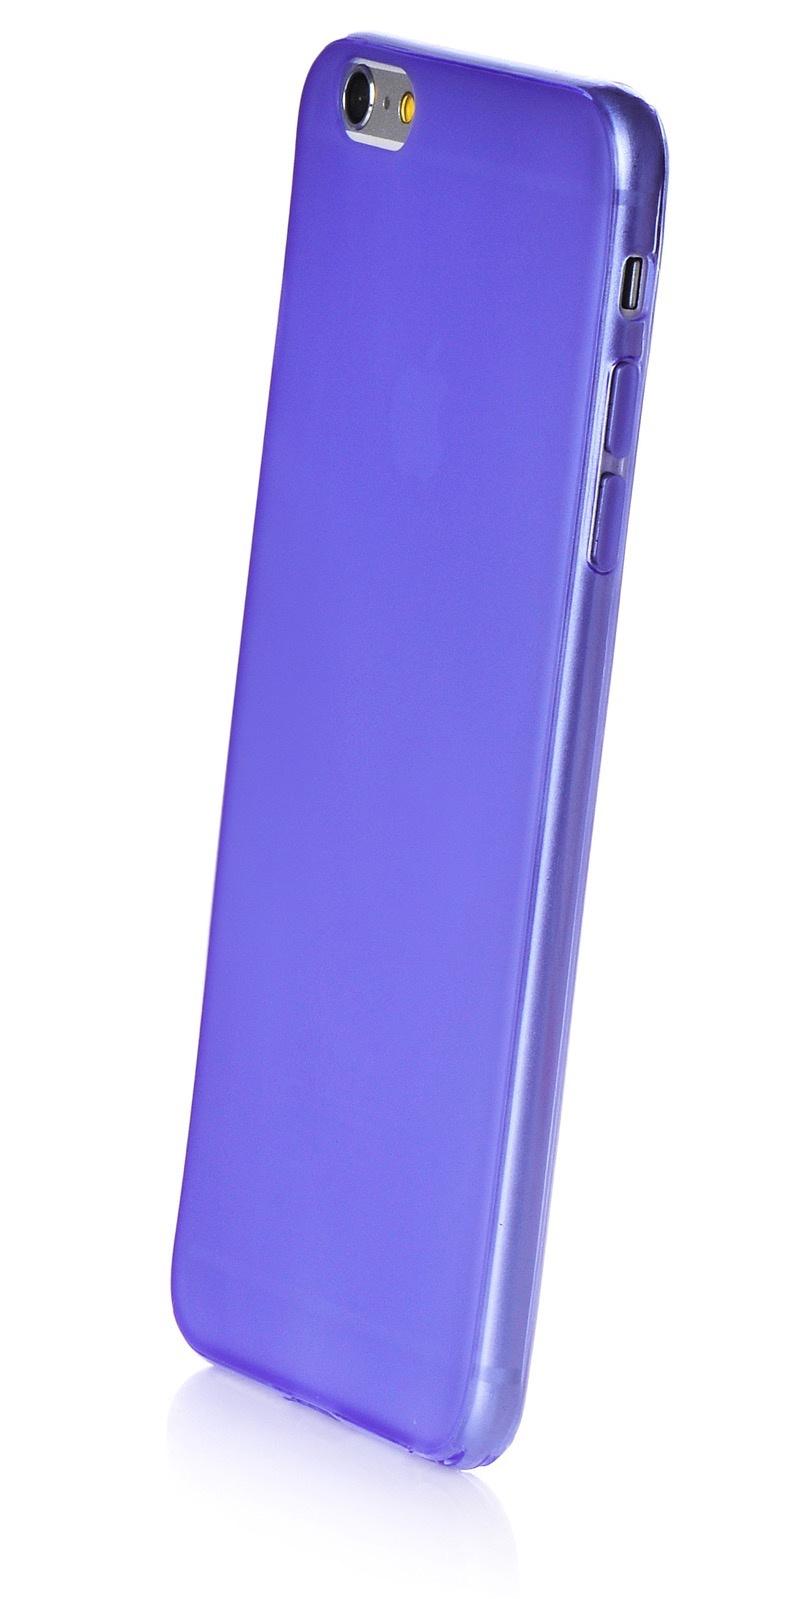 """Чехол для сотового телефона iNeez накладка силикон 0.3 mm матовый 620105 для Apple iPhone 6 Plus/6S Plus 5.5"""", фиолетовый"""